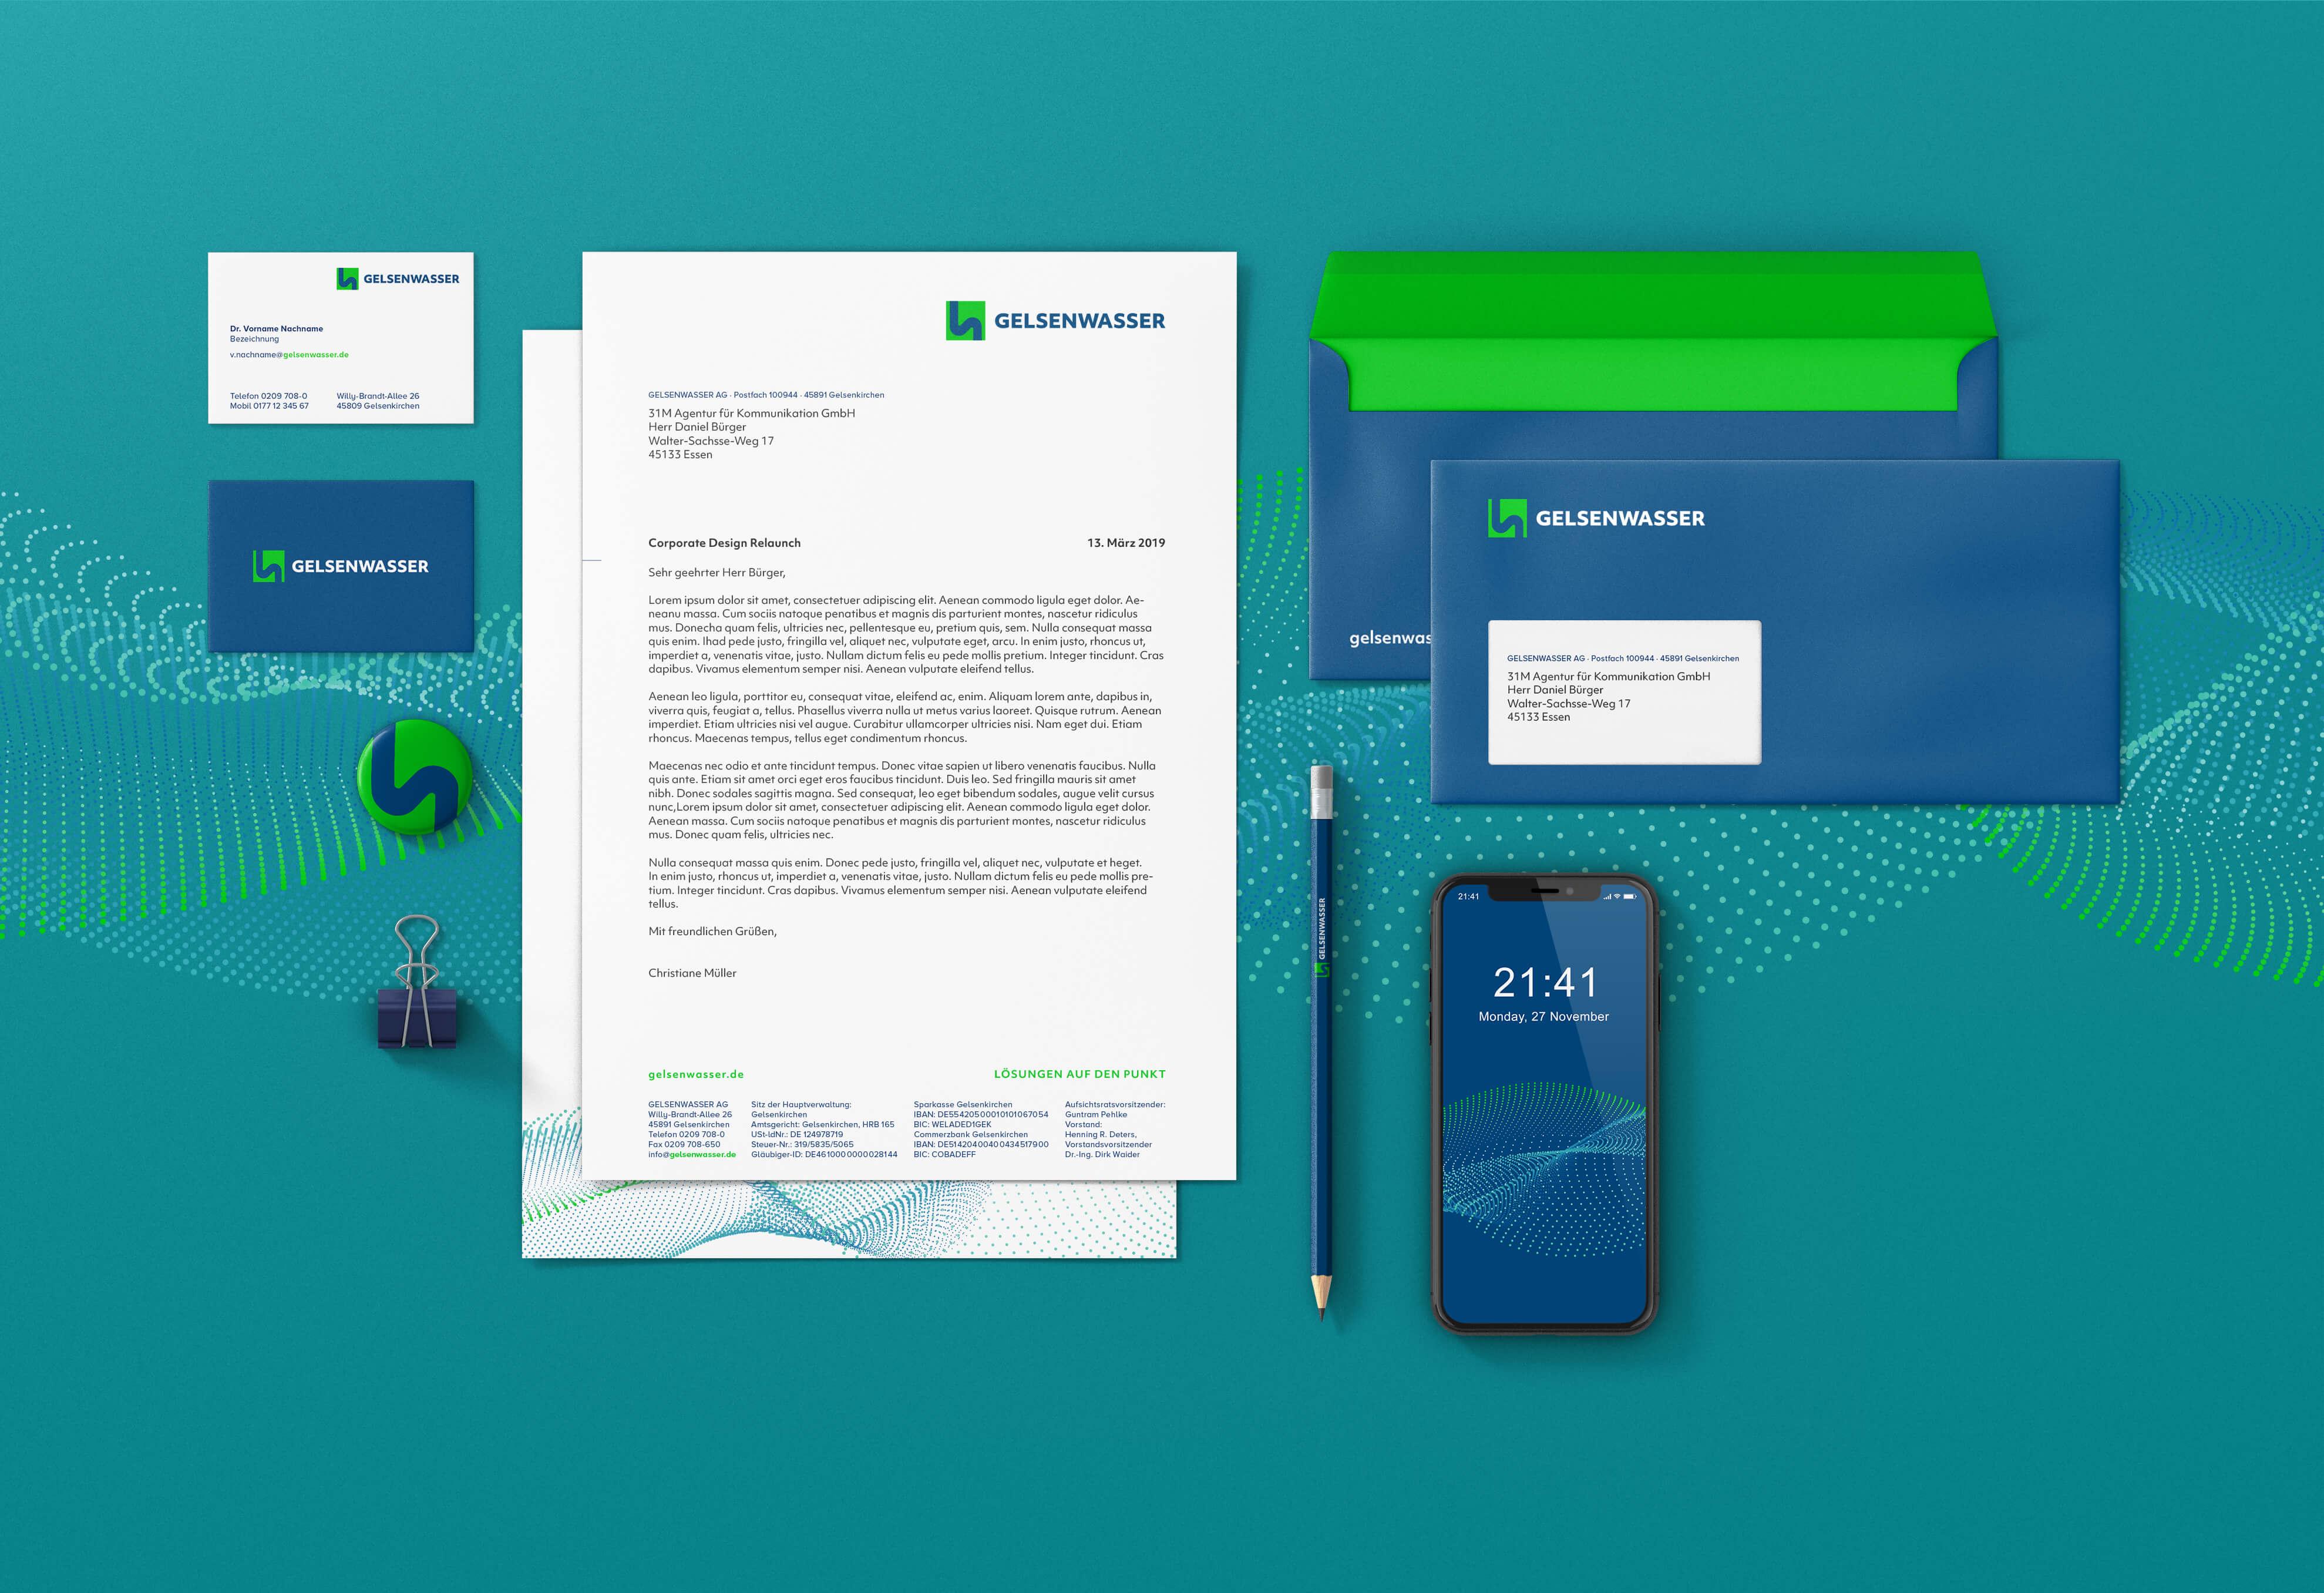 Gelsenwasser Corporate Design Überarbeitung mit Brandbook Agentur 31M aus Essen